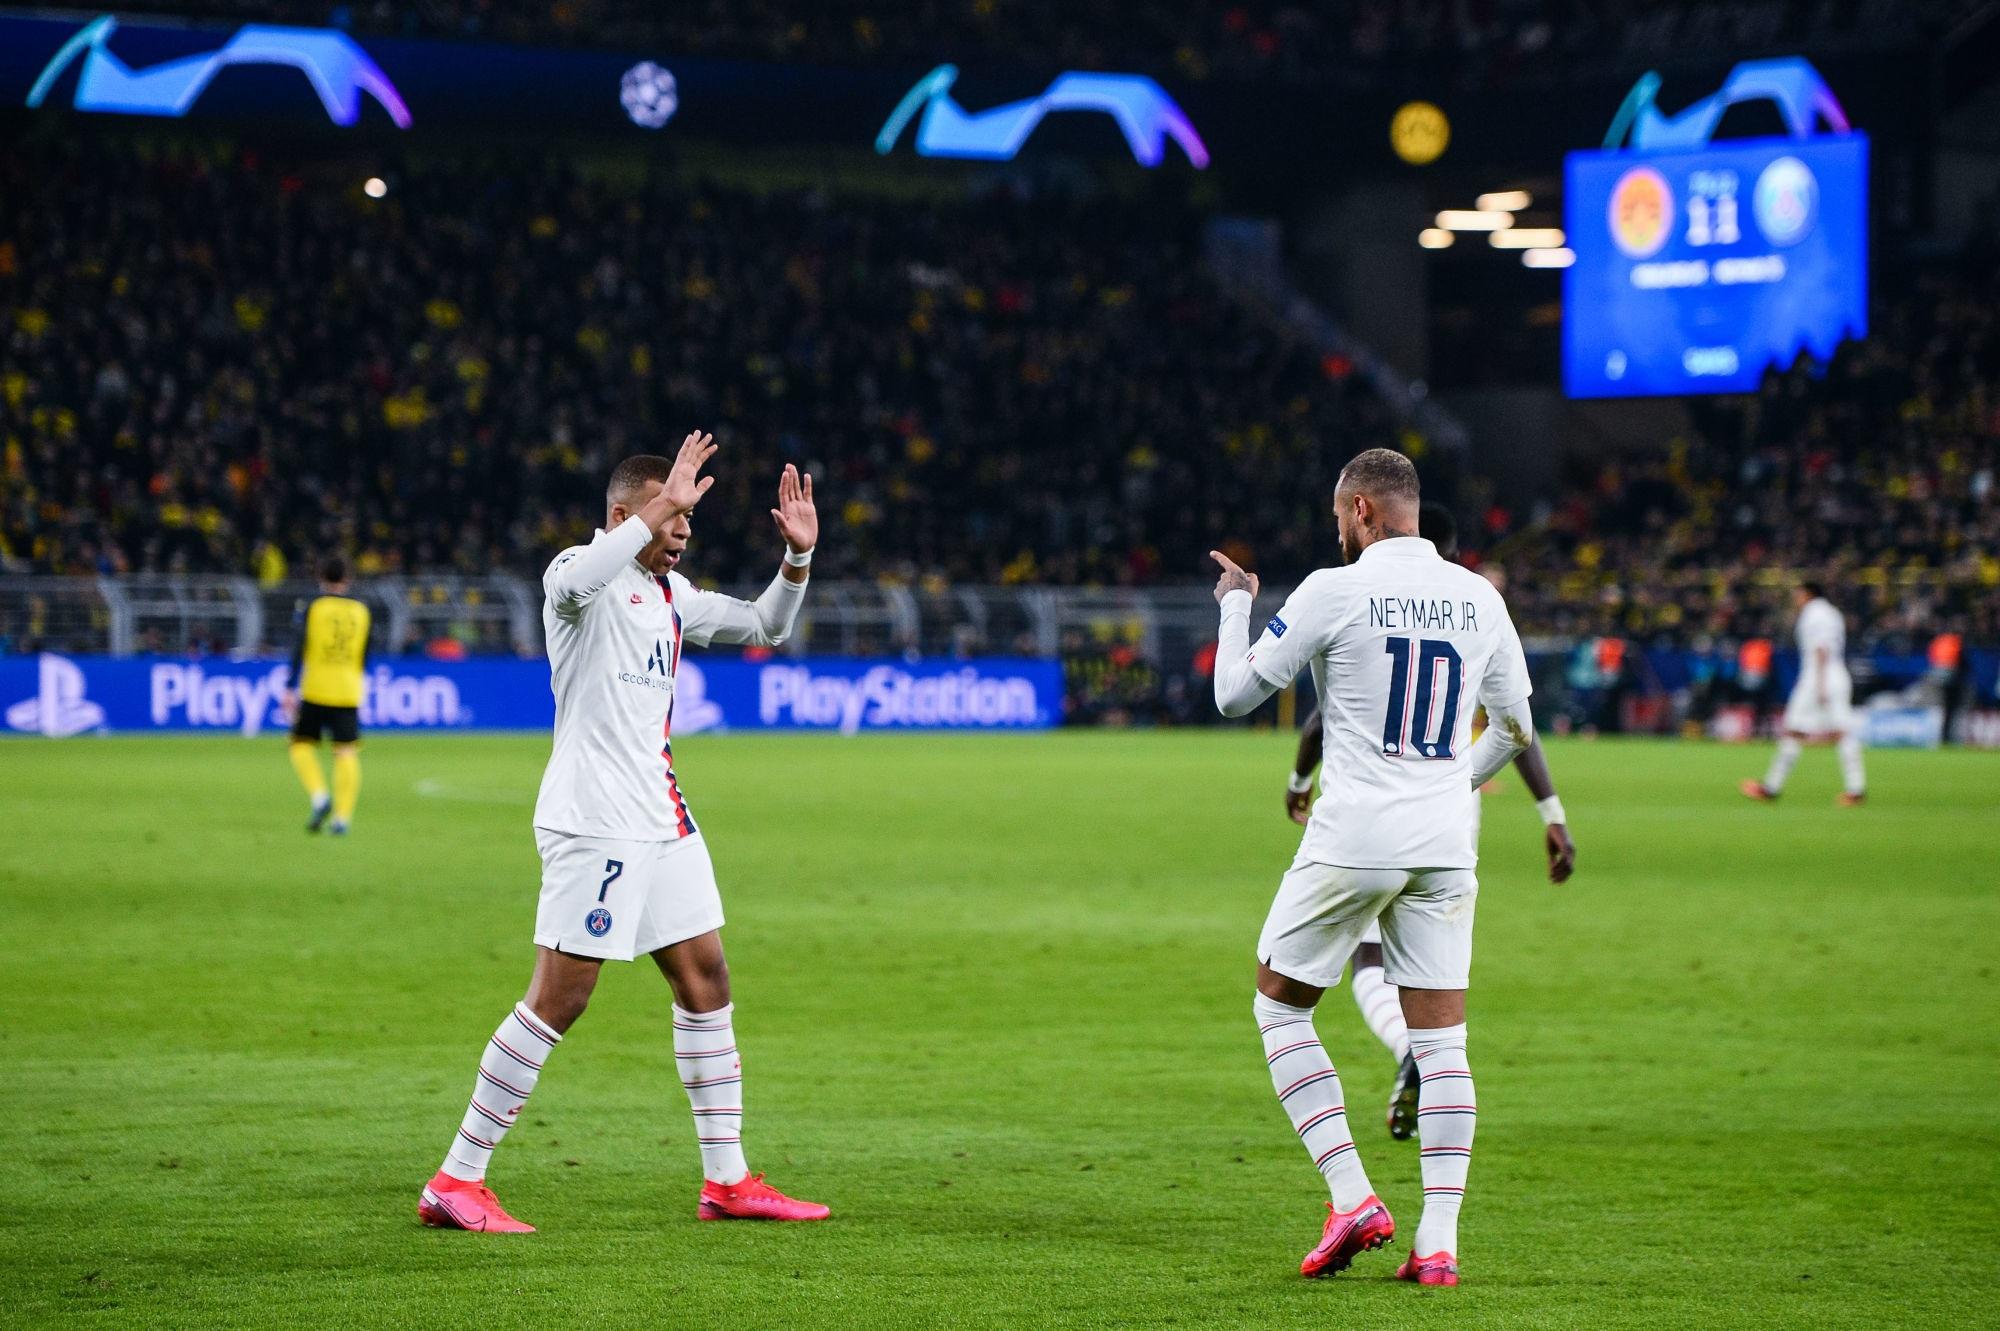 Mercato - Mbappé et Neymar, Le Parisien fait le point sur les prolongations de contrats